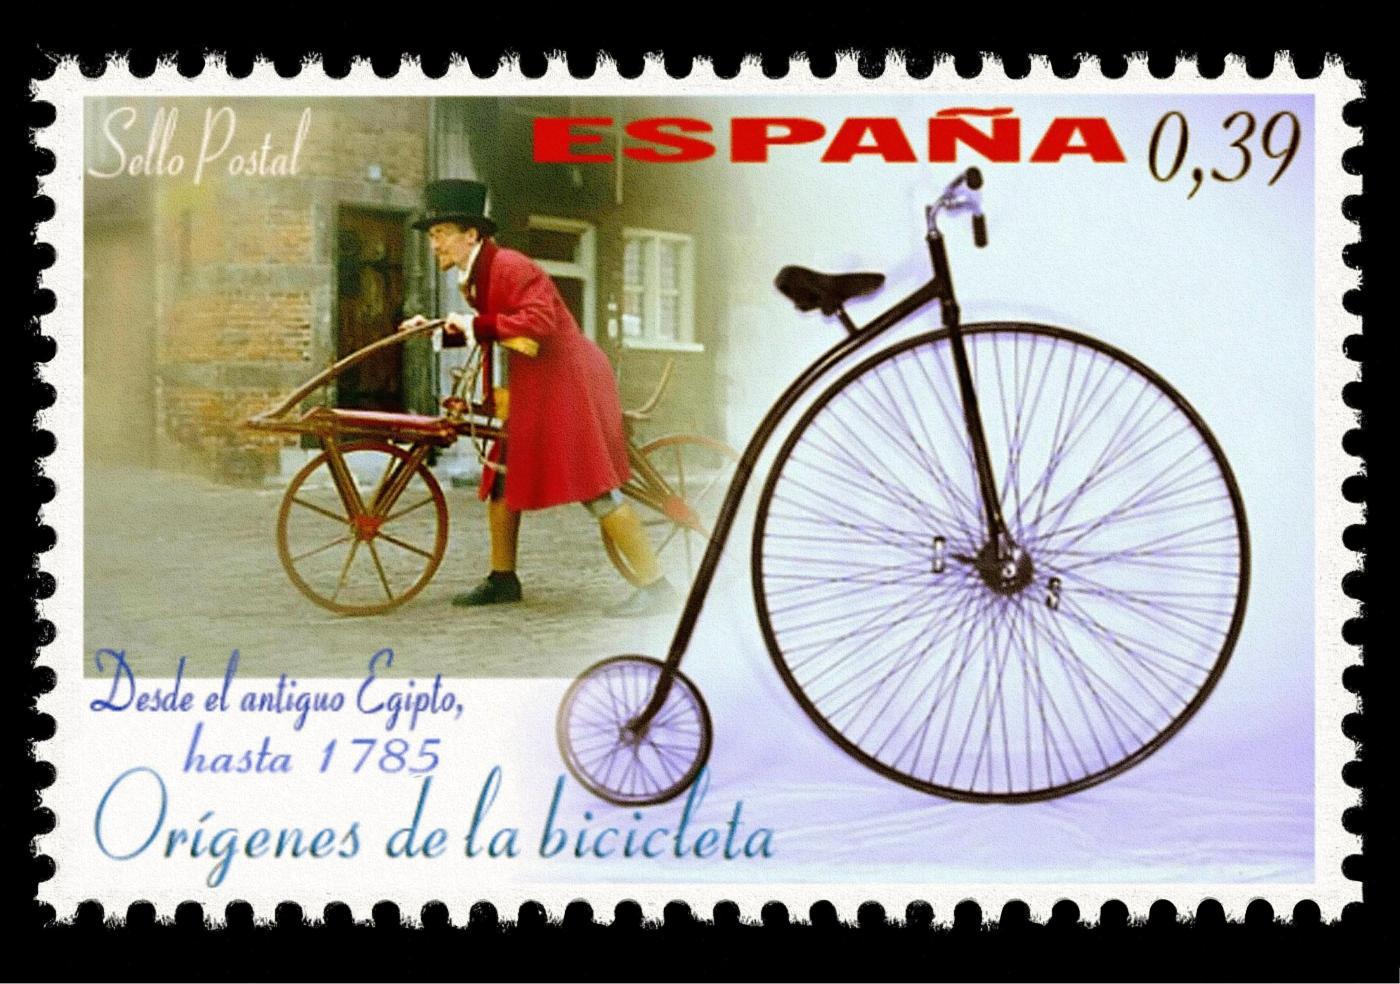 Origenes de la bicicleta